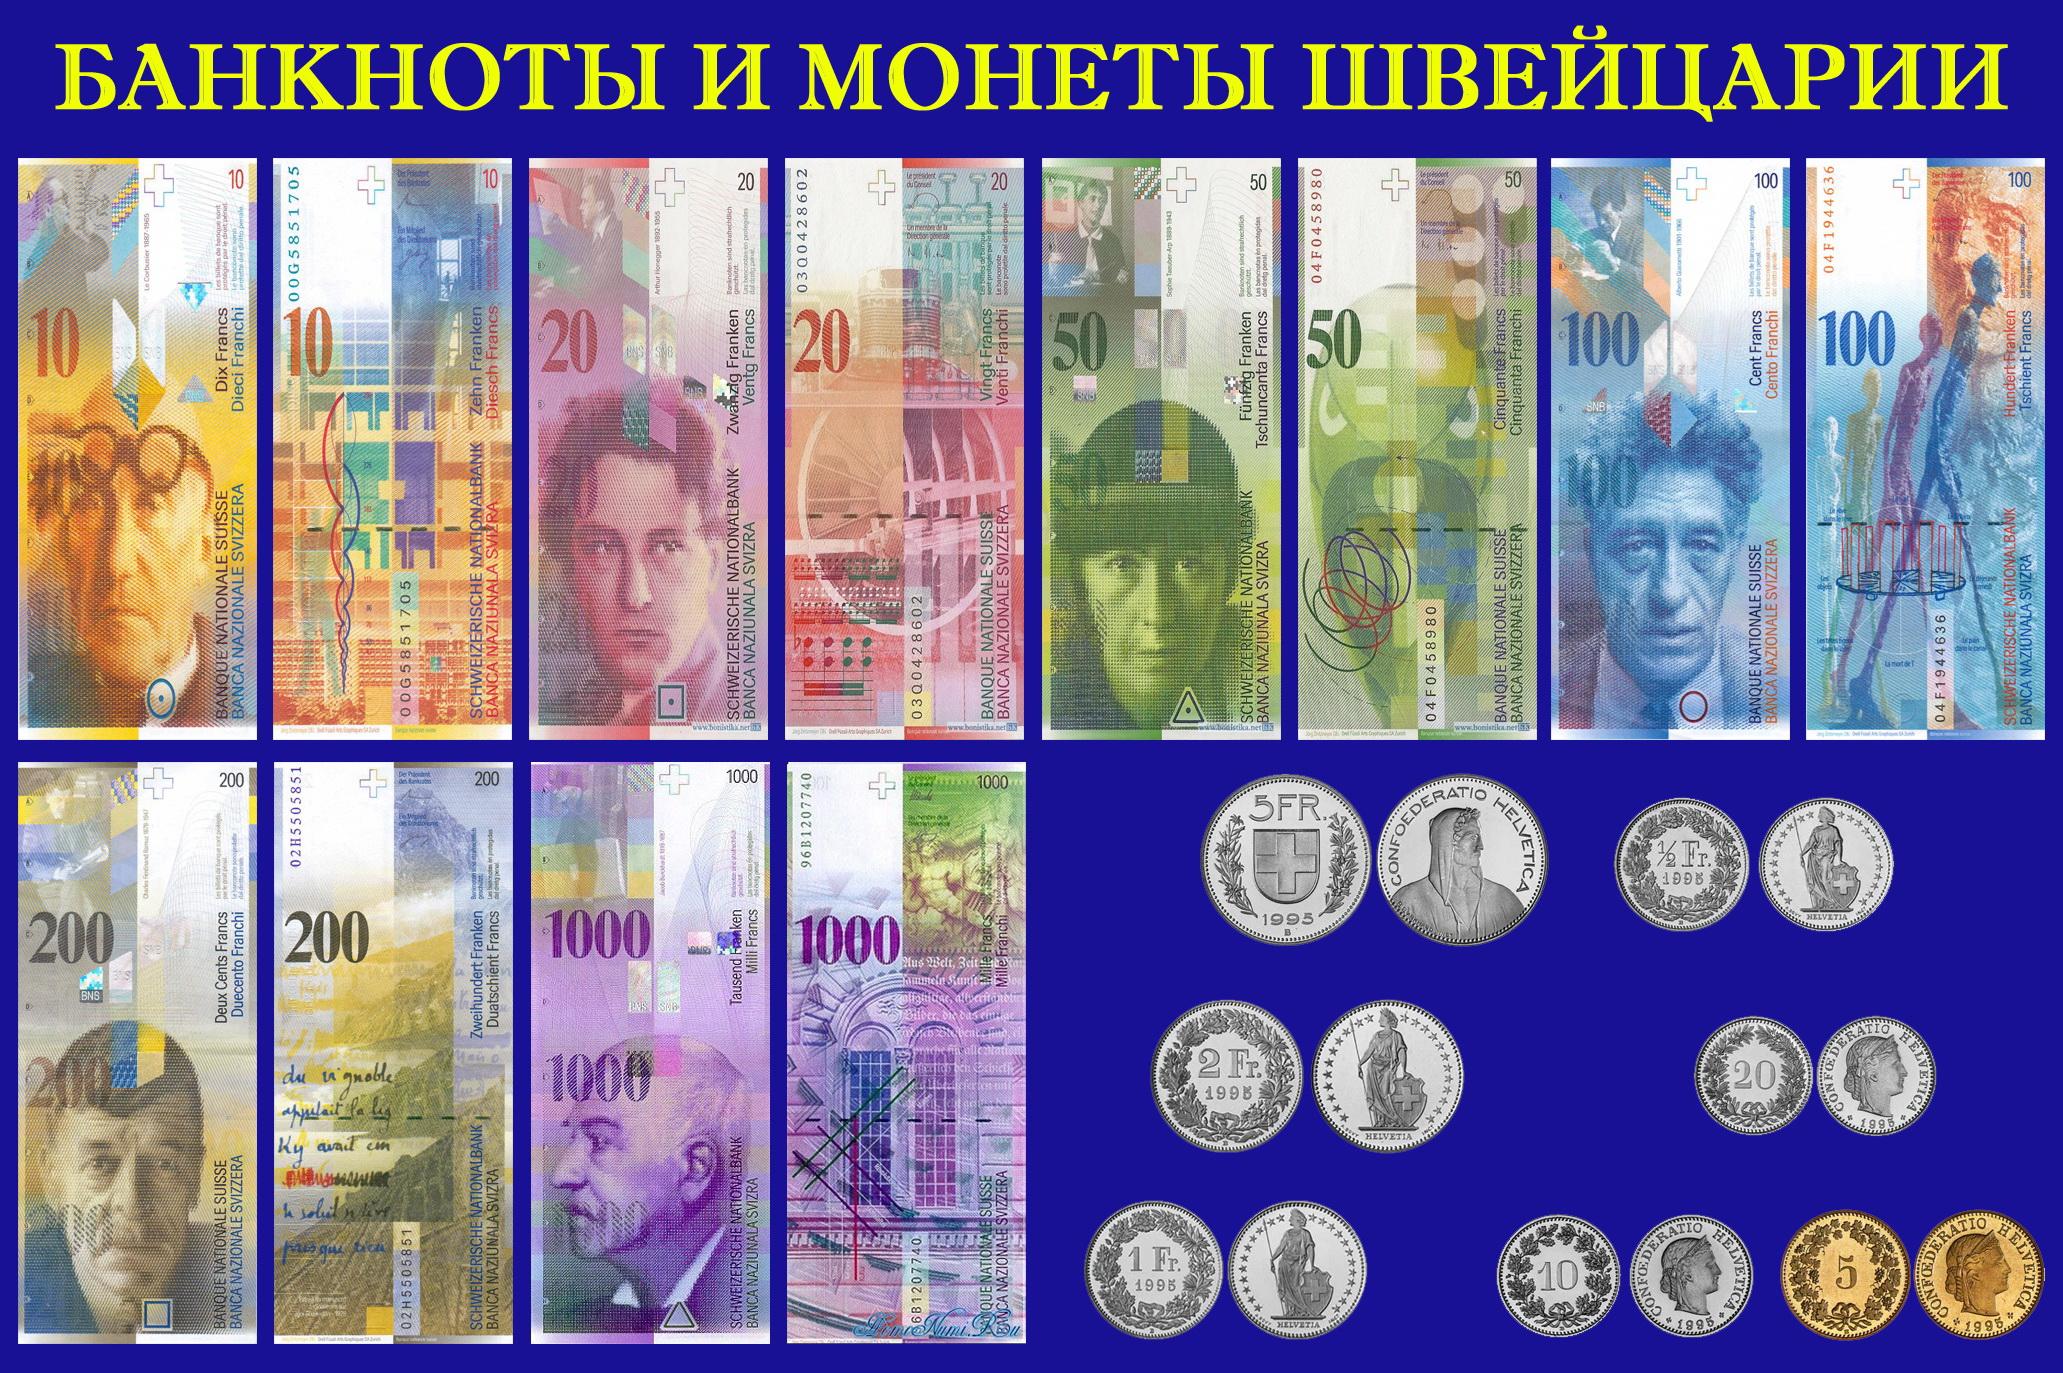 в каких банках можно легко получить кредитною карточку а петербурге